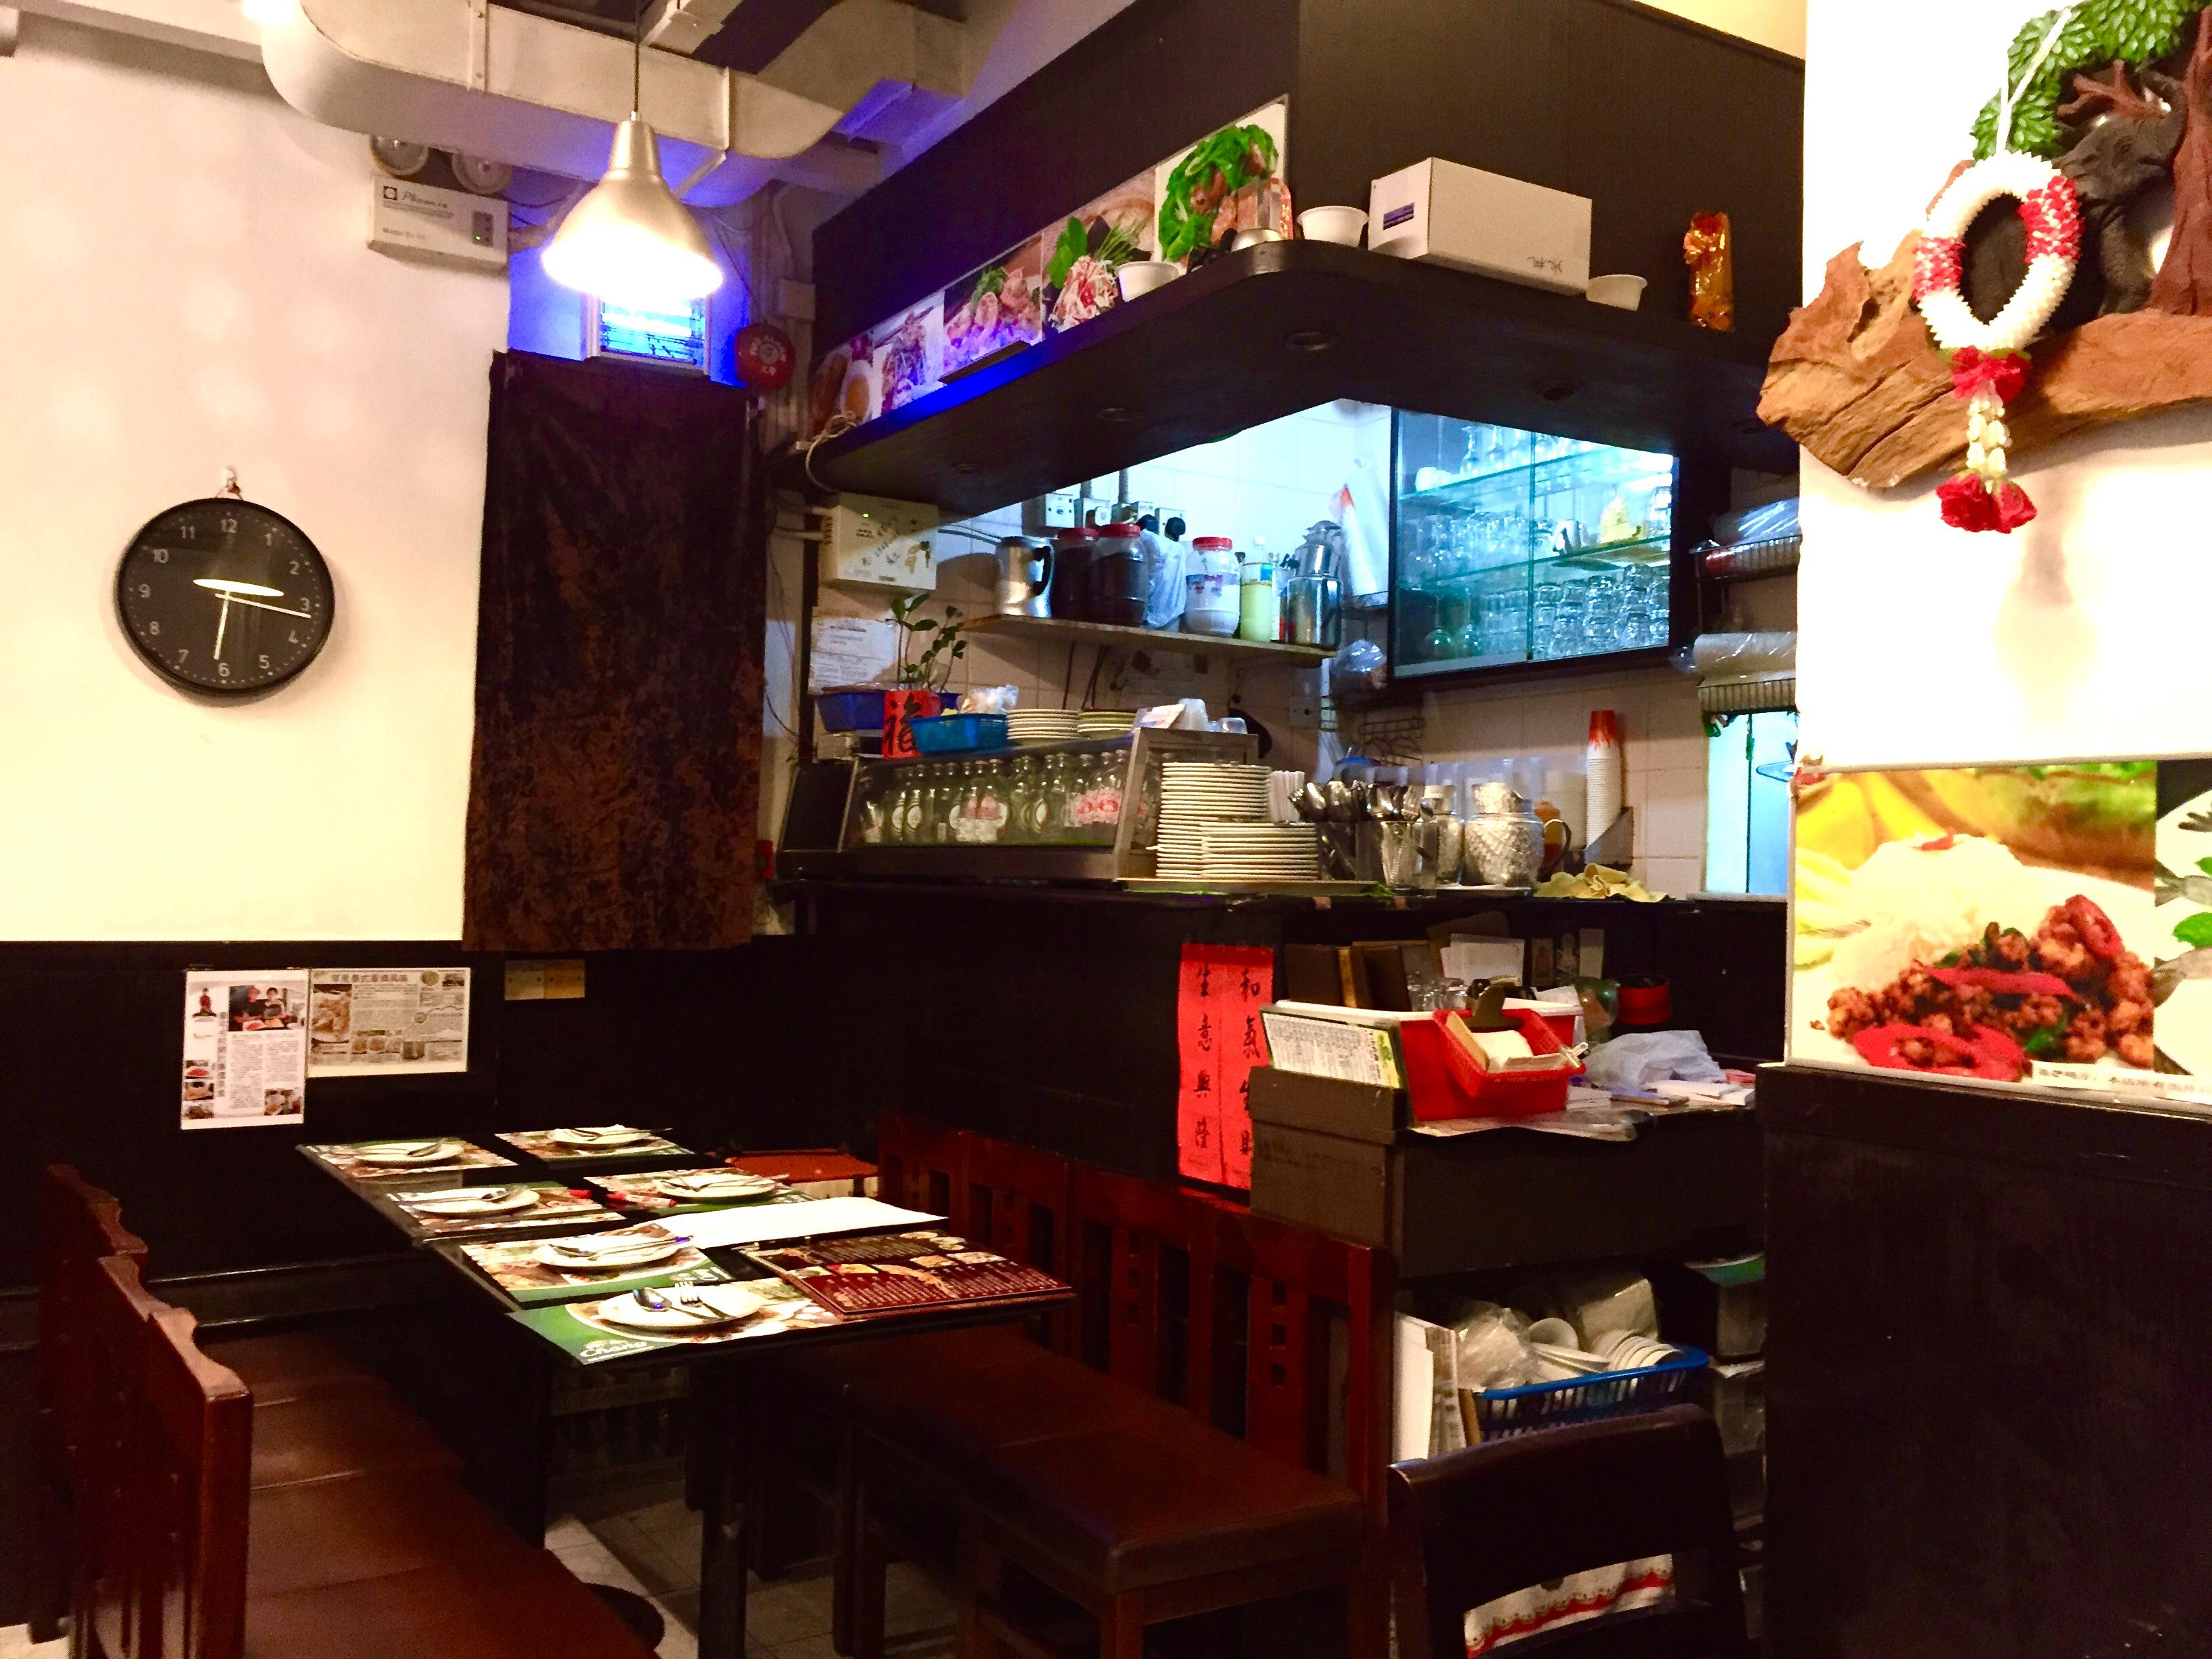 #hongkong #hkig #food